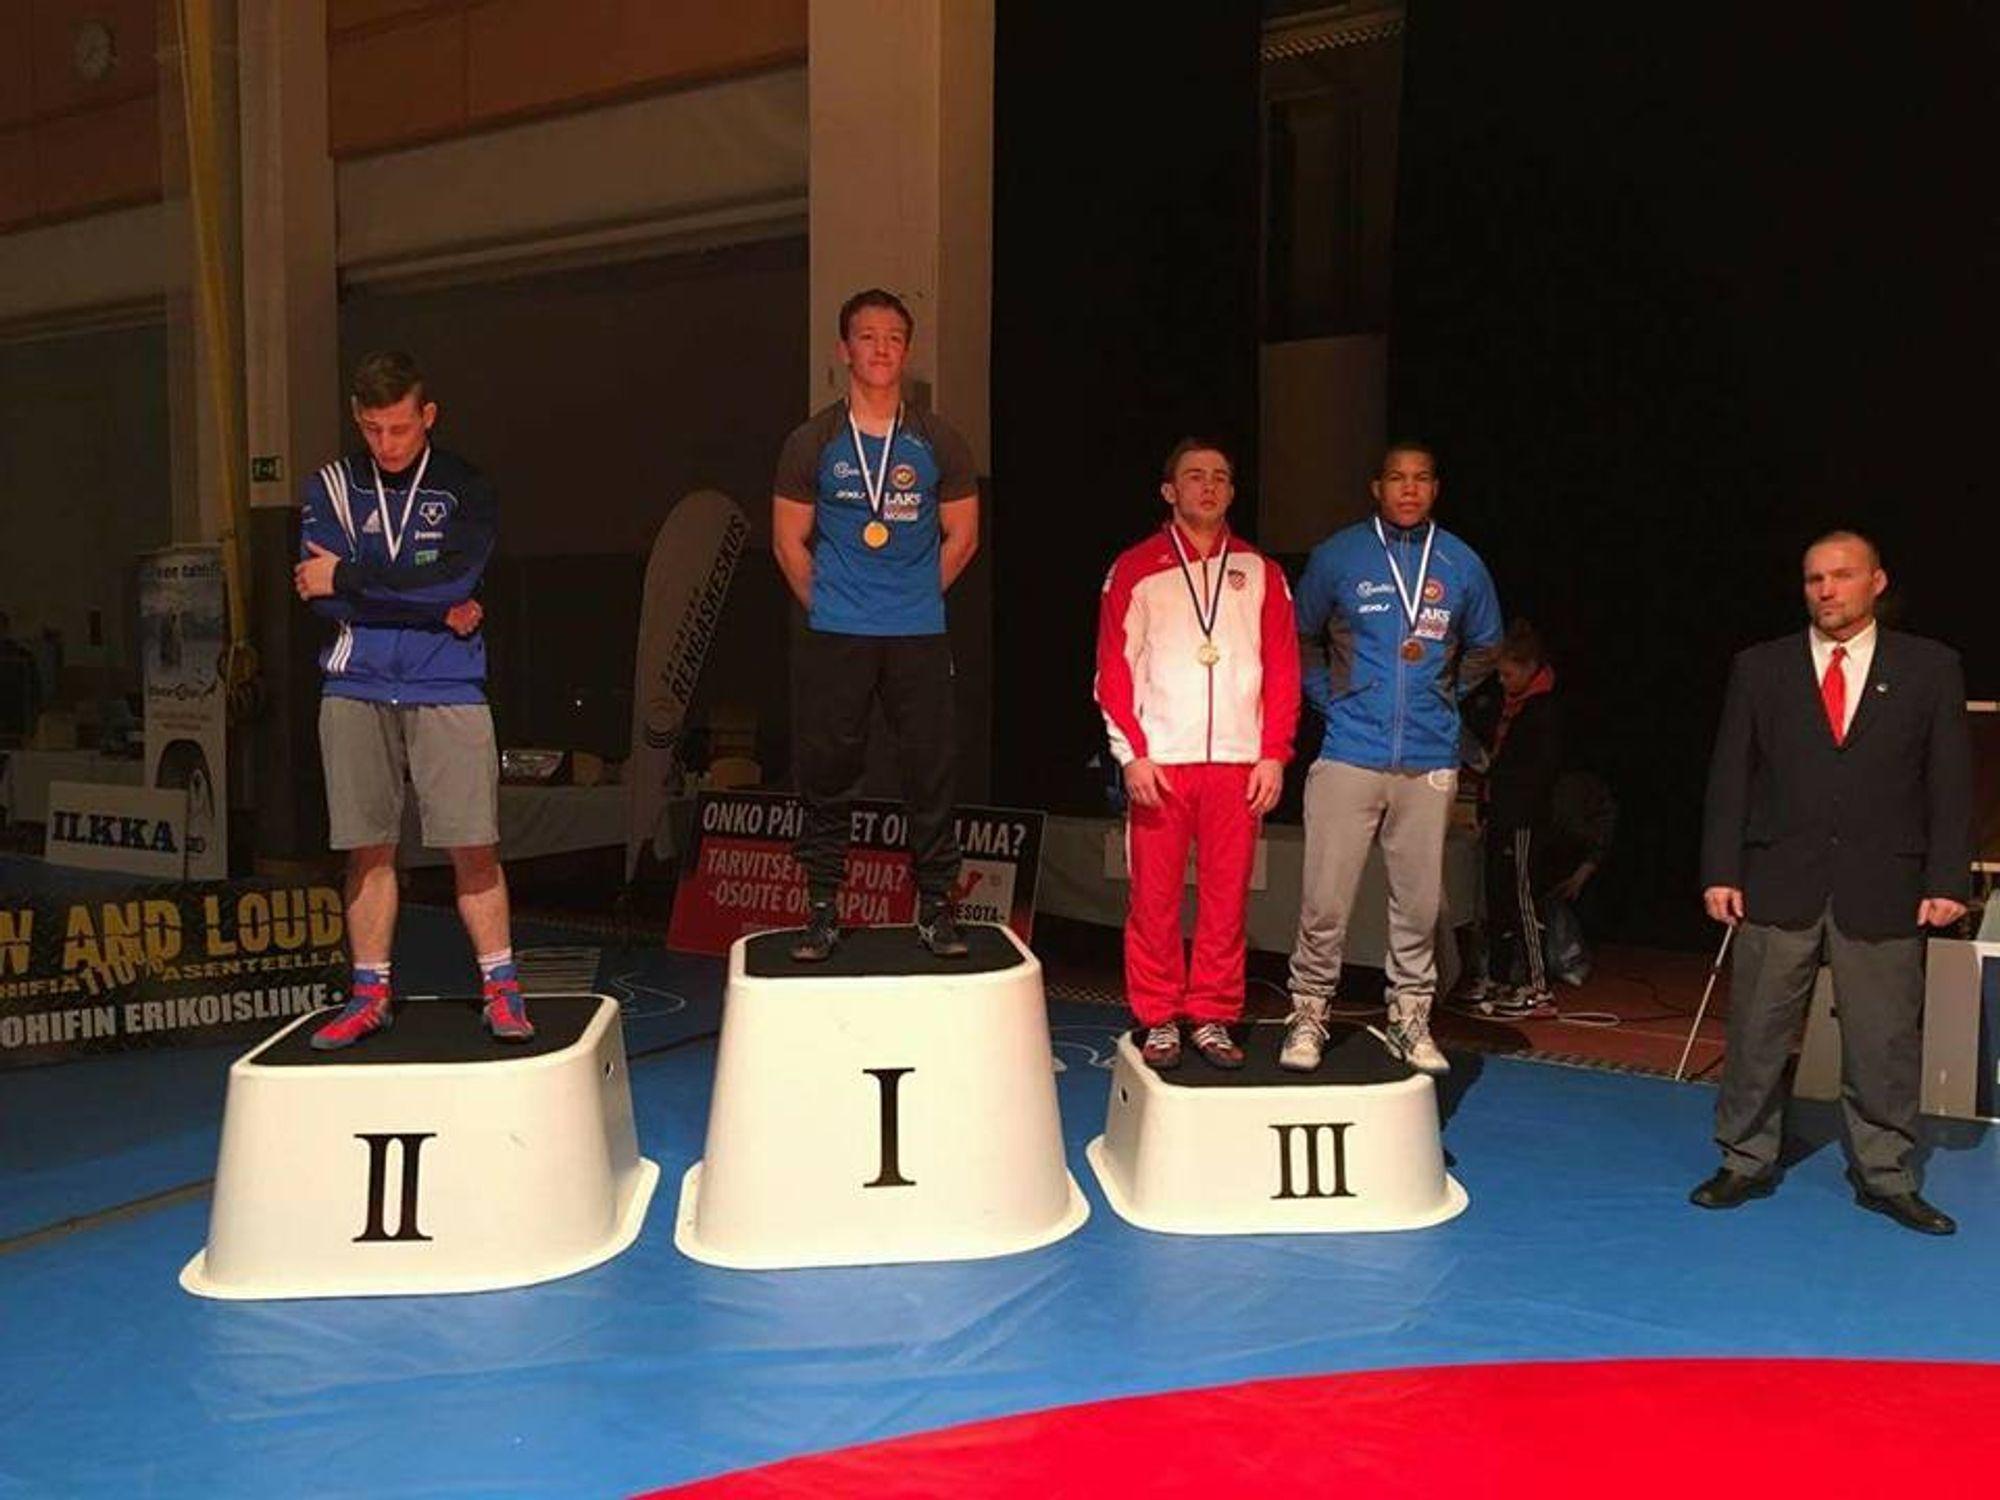 FIKK MEDALJER: Brage Ringheim og Sebastian Aak ble belønnet med henholdsvis gull og bronse i Finland. .